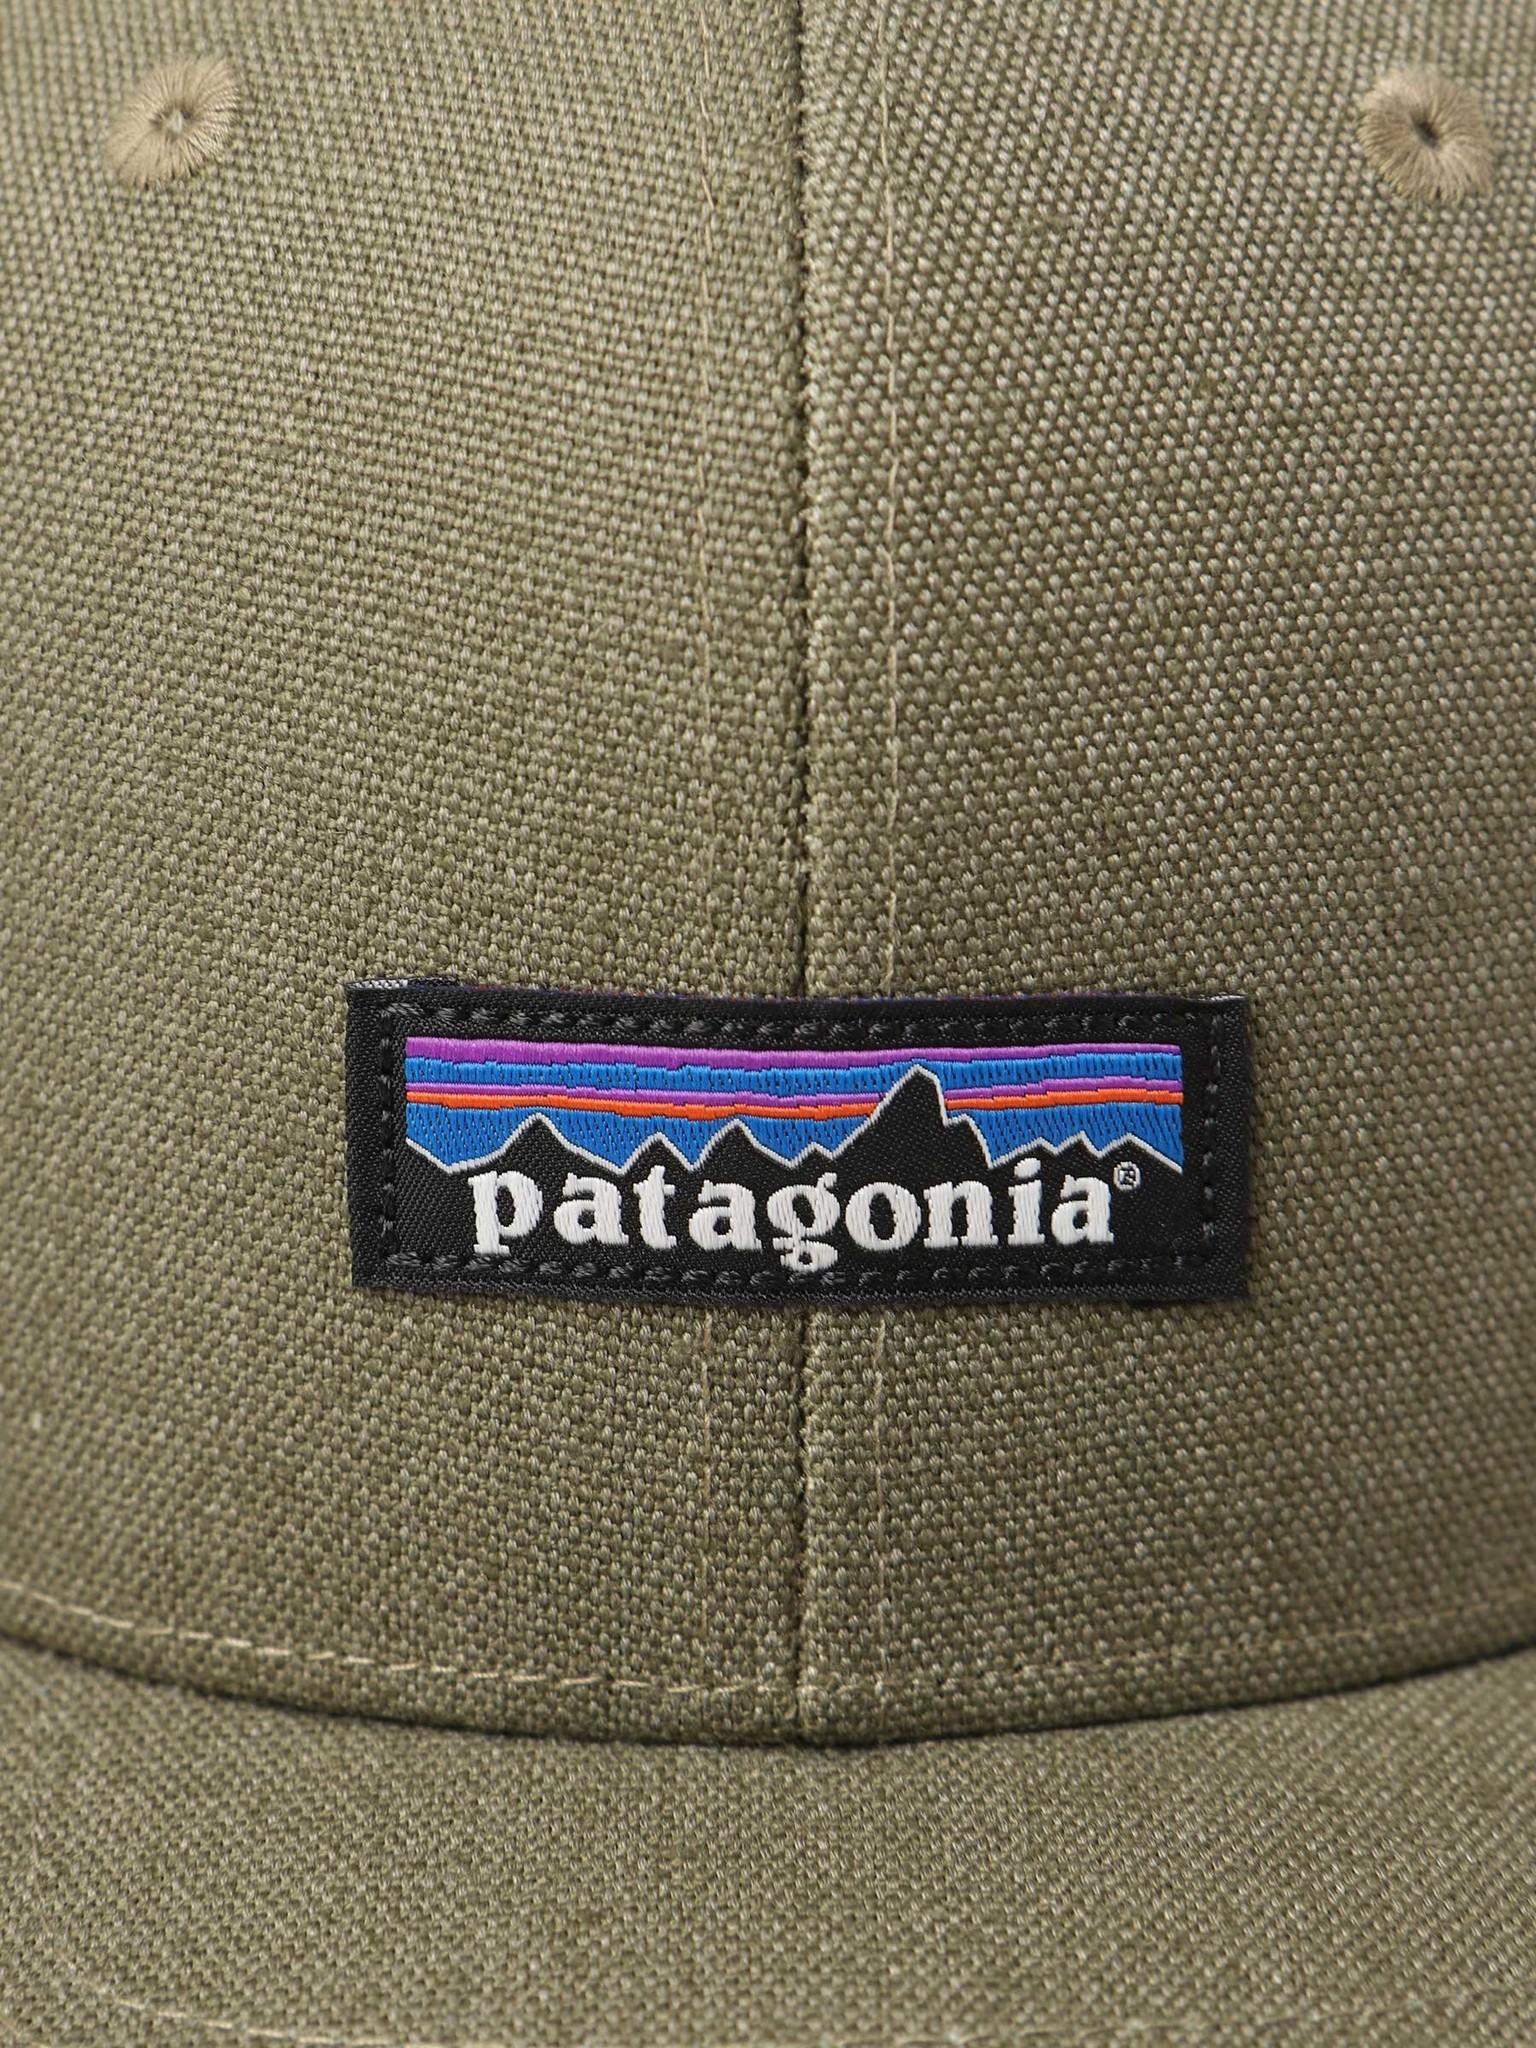 Patagonia Patagonia Tin Shed Hat P-6 Logo Fatigue Green 33376